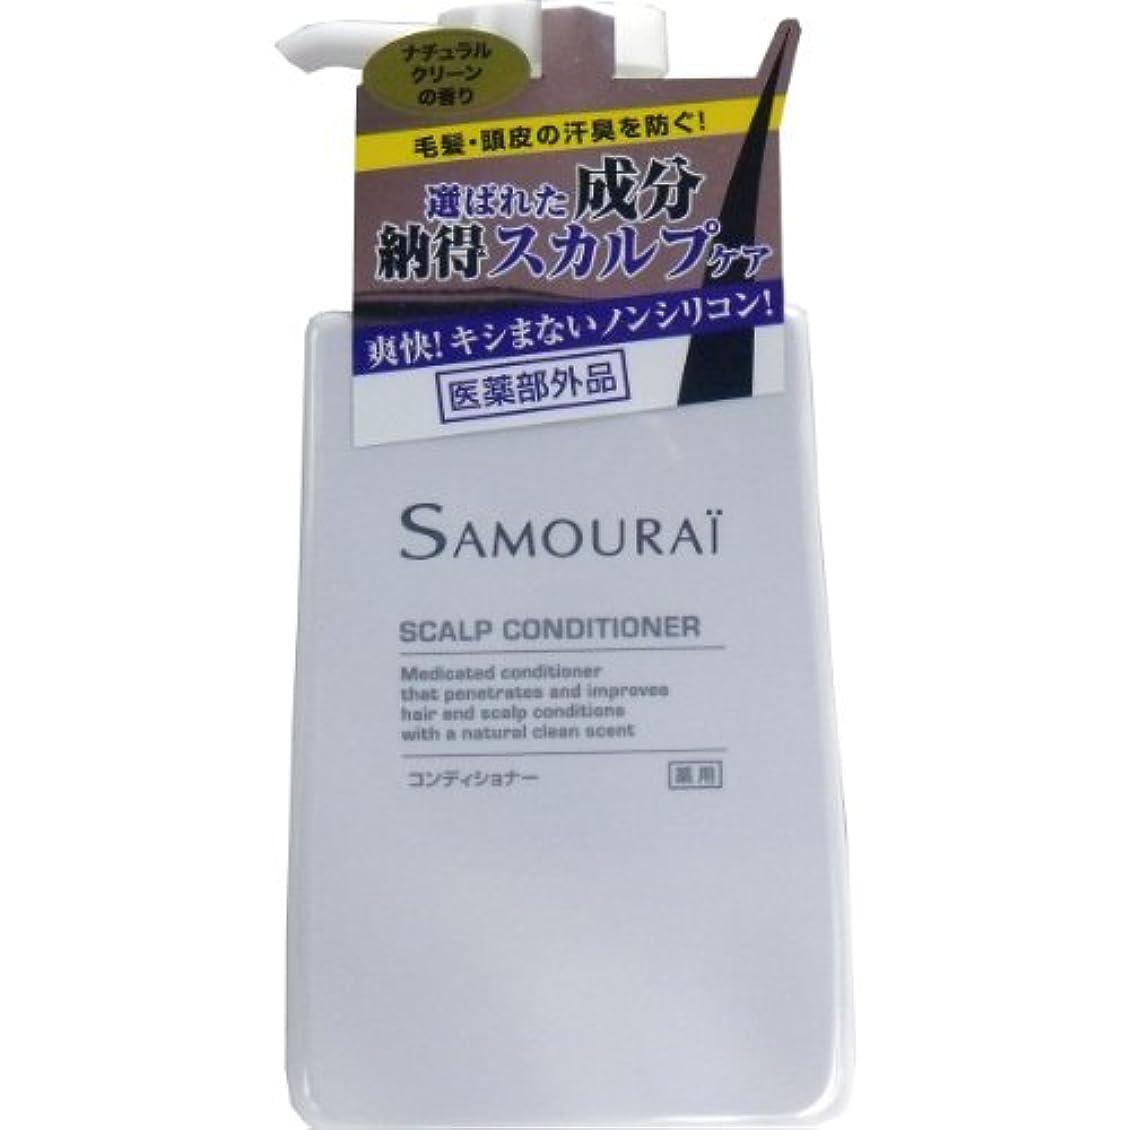 放散する役に立たないペレットサムライ 薬用コンディショナー 300mL